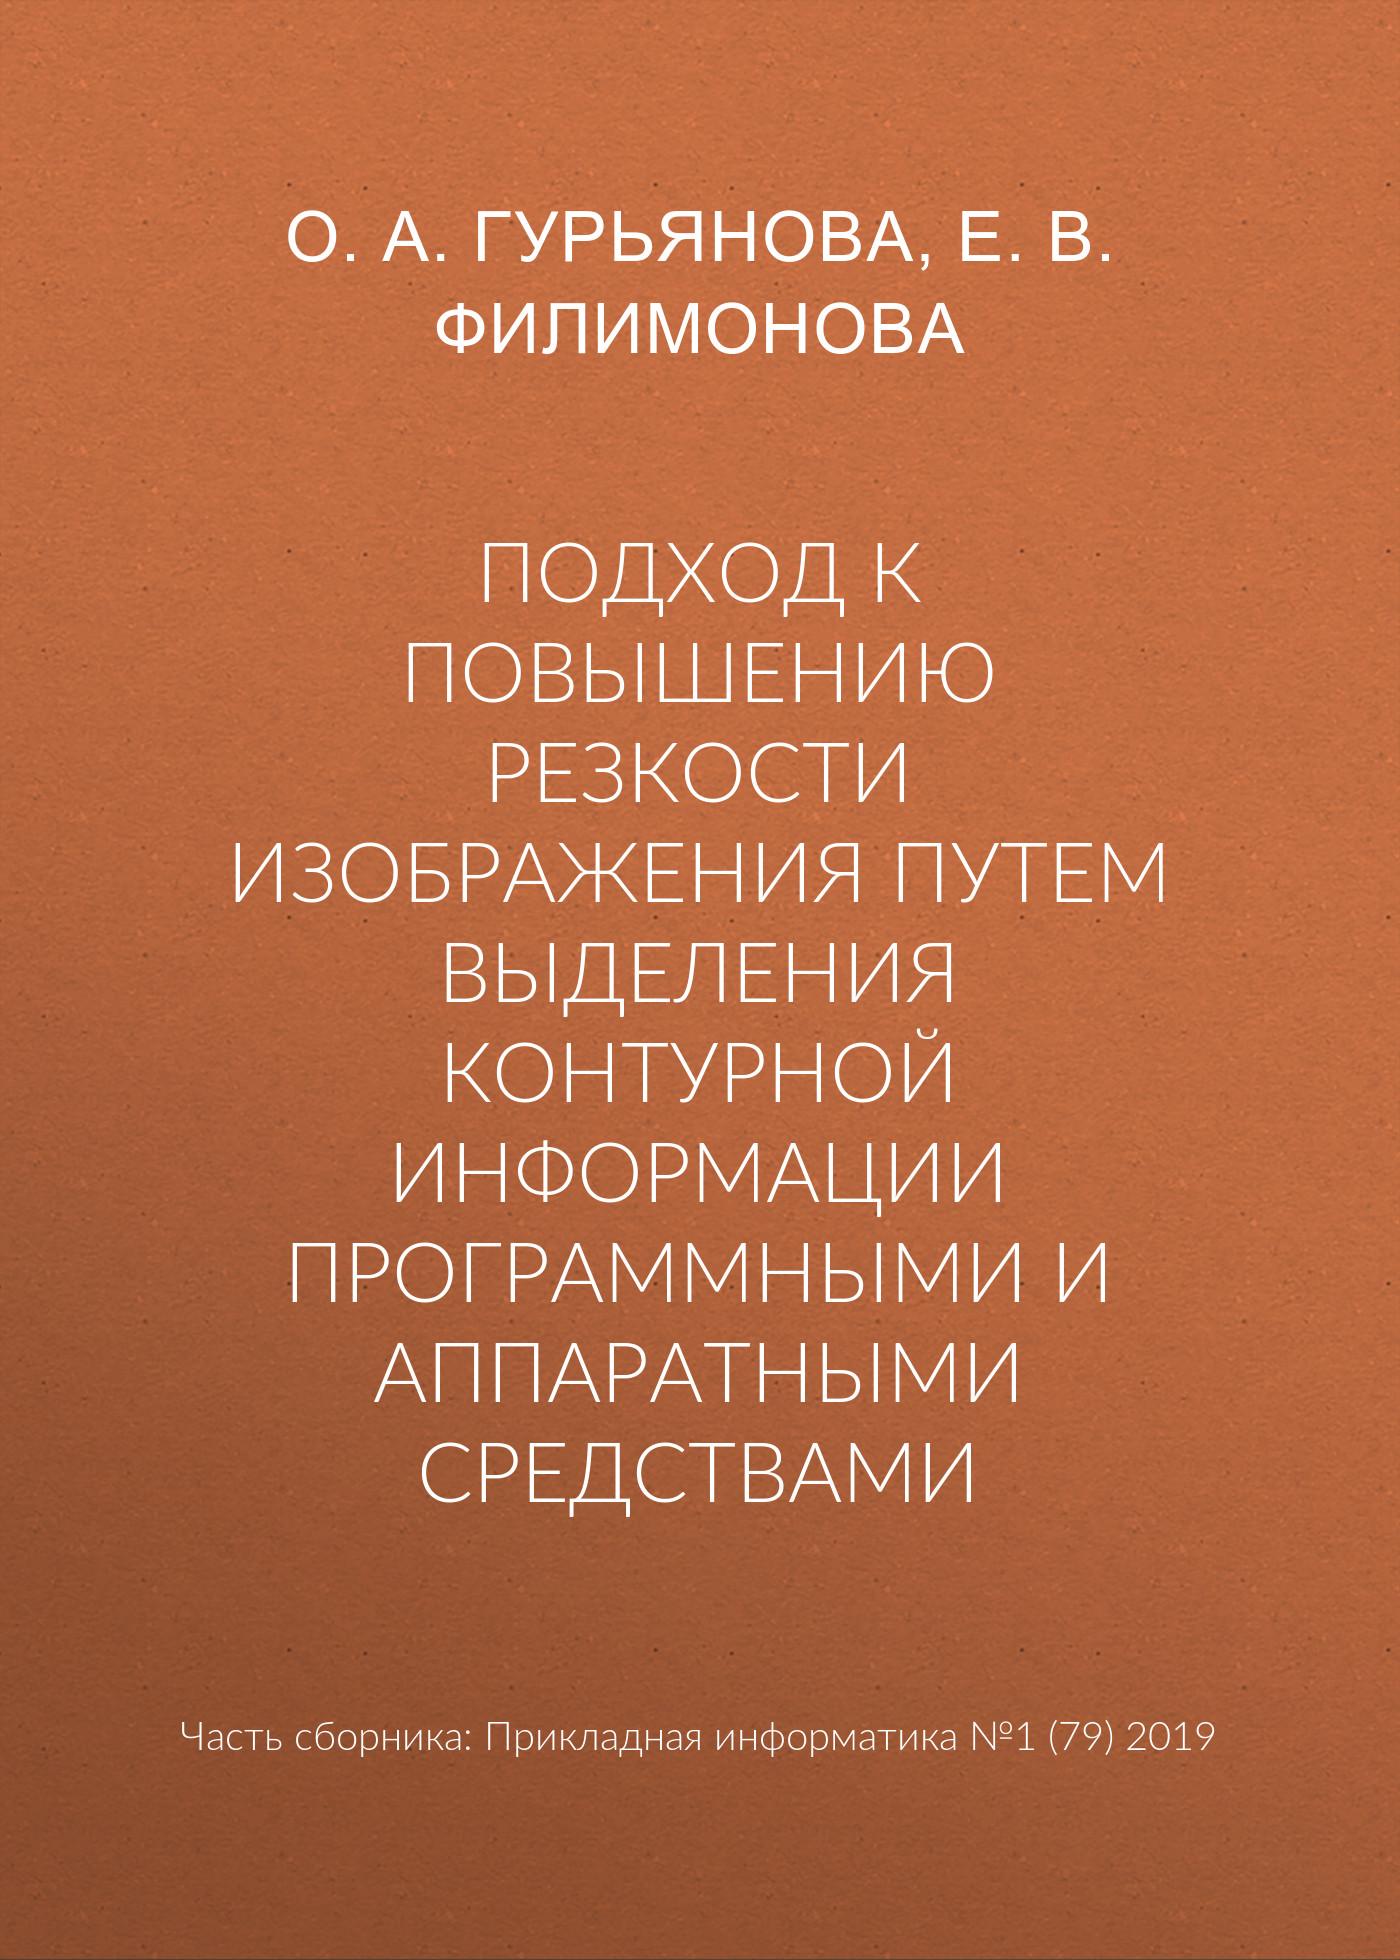 Е. В. Филимонова Подход к повышению резкости изображения путем выделения контурной информации программными и аппаратными средствами